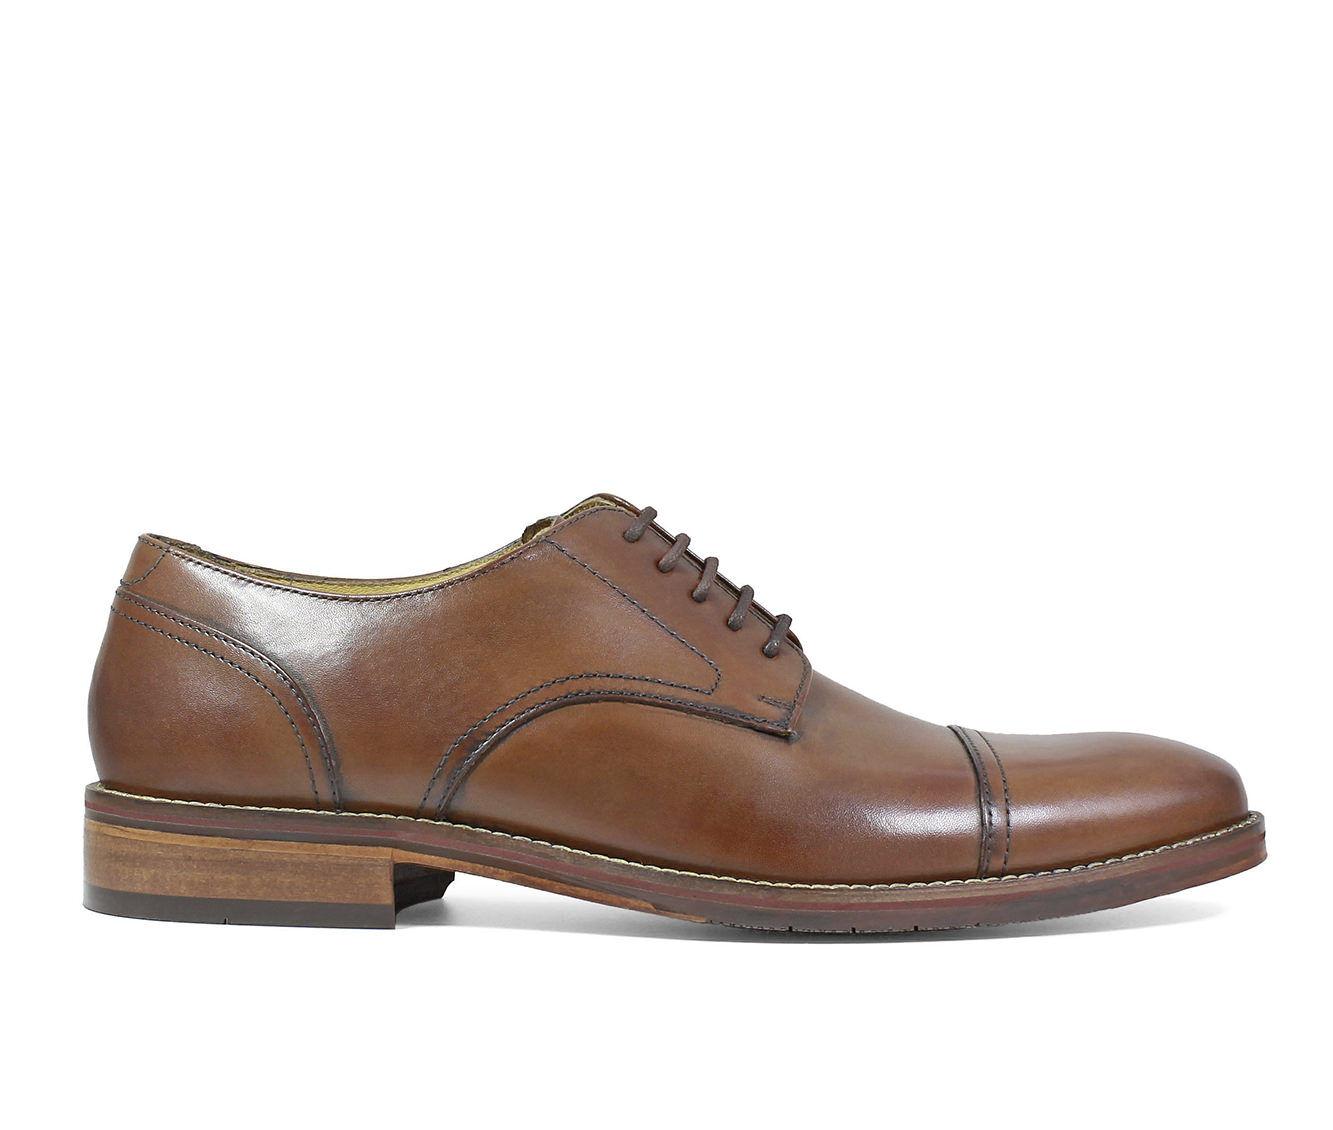 Men's Florsheim Salerno Cap Toe Oxford Dress Shoes Cognac